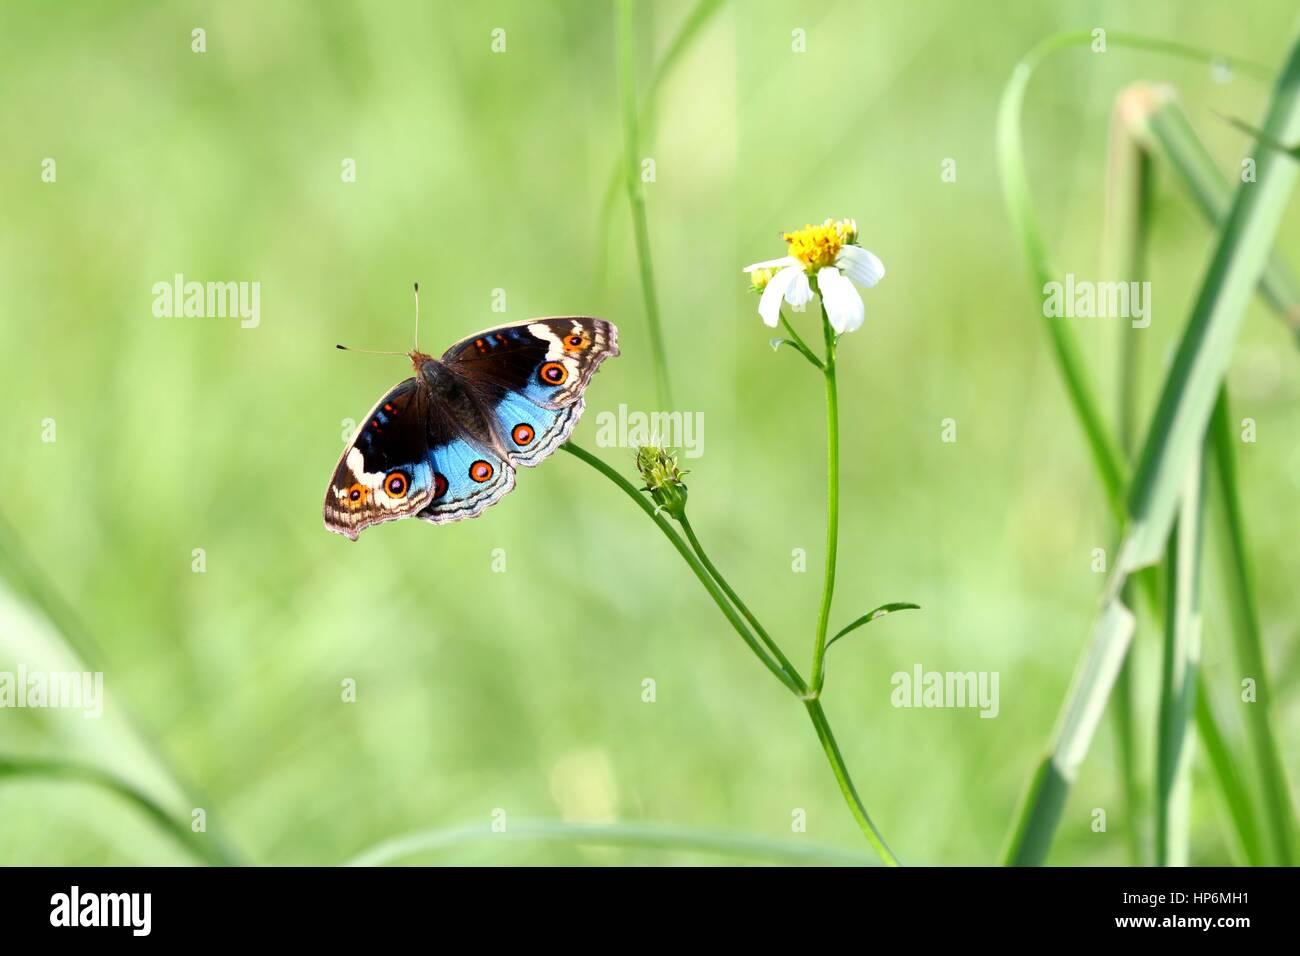 Pansy azul (junonia orithya) beber el néctar. Foto de stock